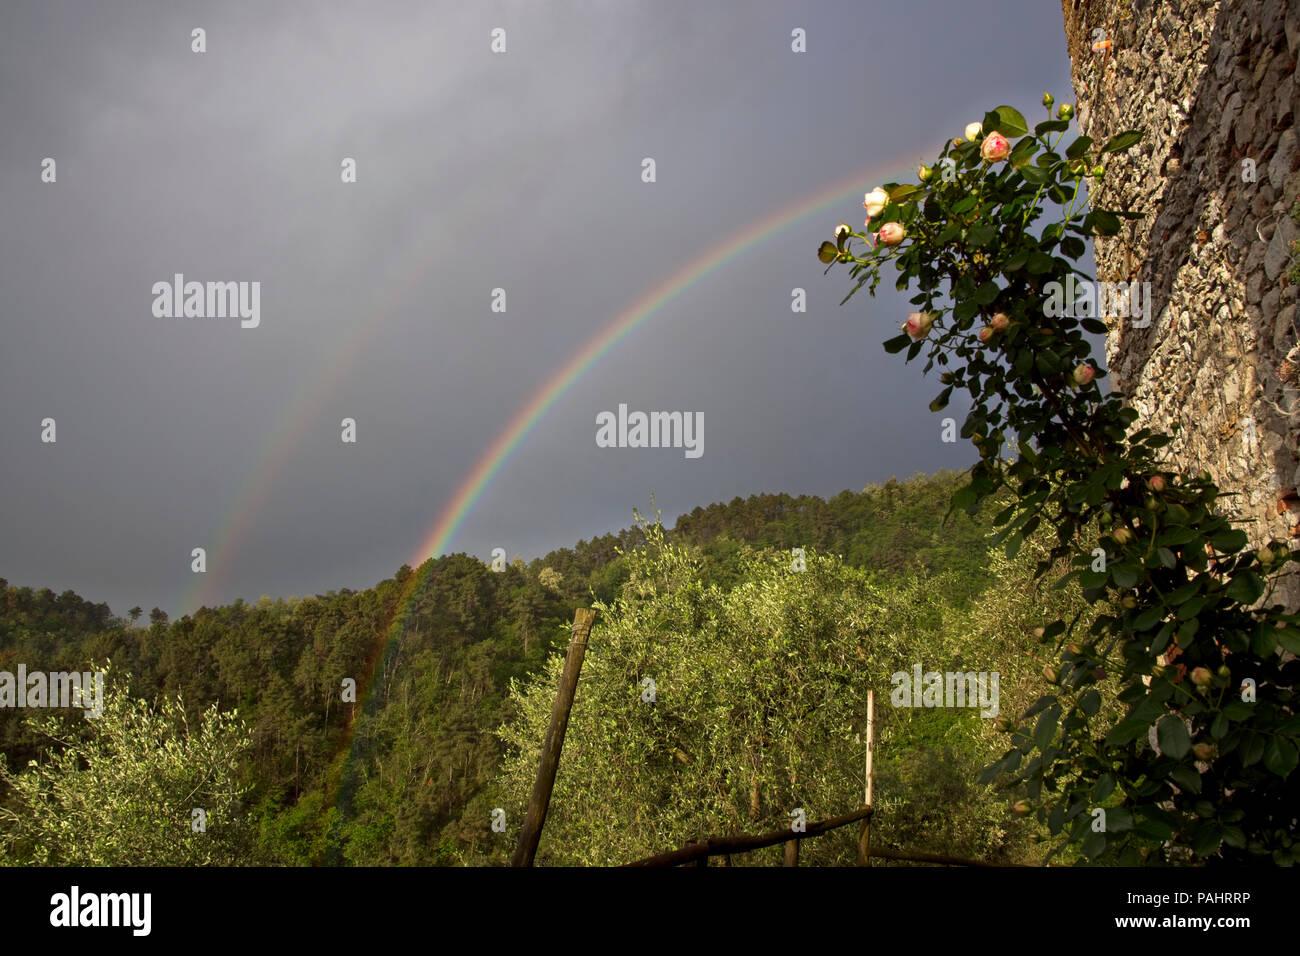 Double rainbow against dark sky - Stock Image